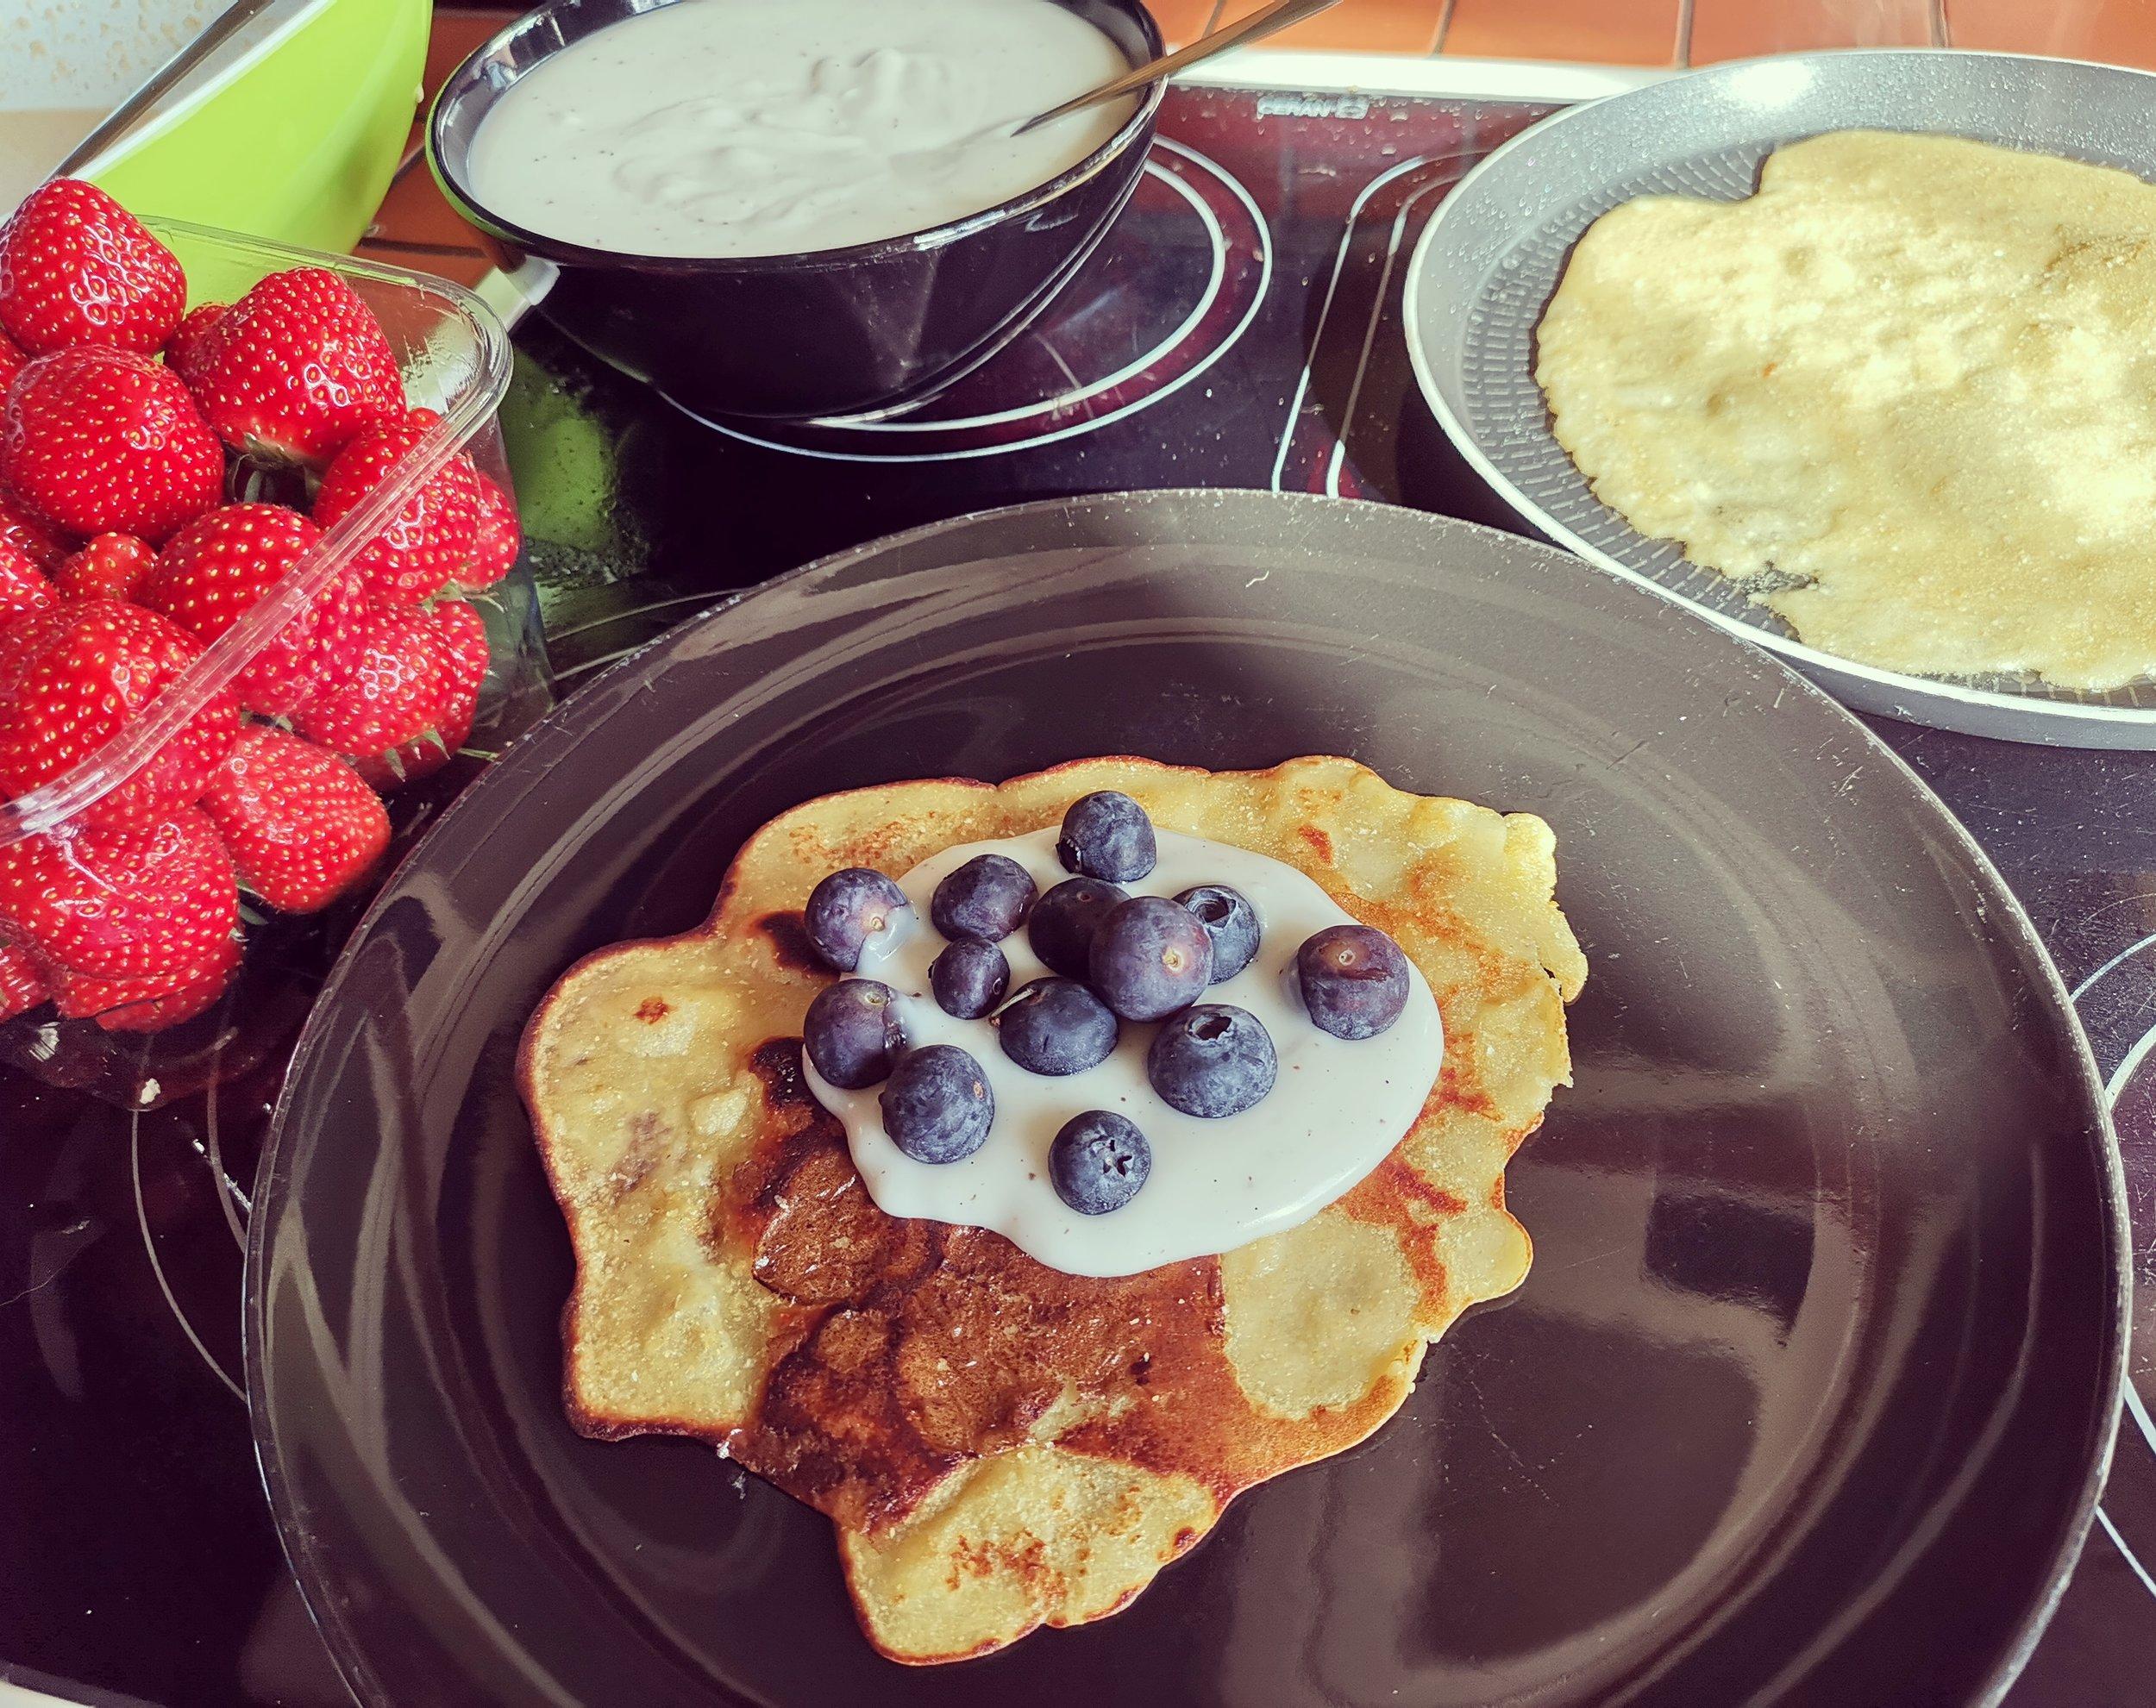 Pannenkoeken - - pannenkoekenmix met kikkererwten van het merk Joannusmolen met kuzupudding en fruit.Deze glutenvrije pannenkoekenmix vind ik echt een aanrader! Perfect te maken zonder eieren en met plantaardige melk.